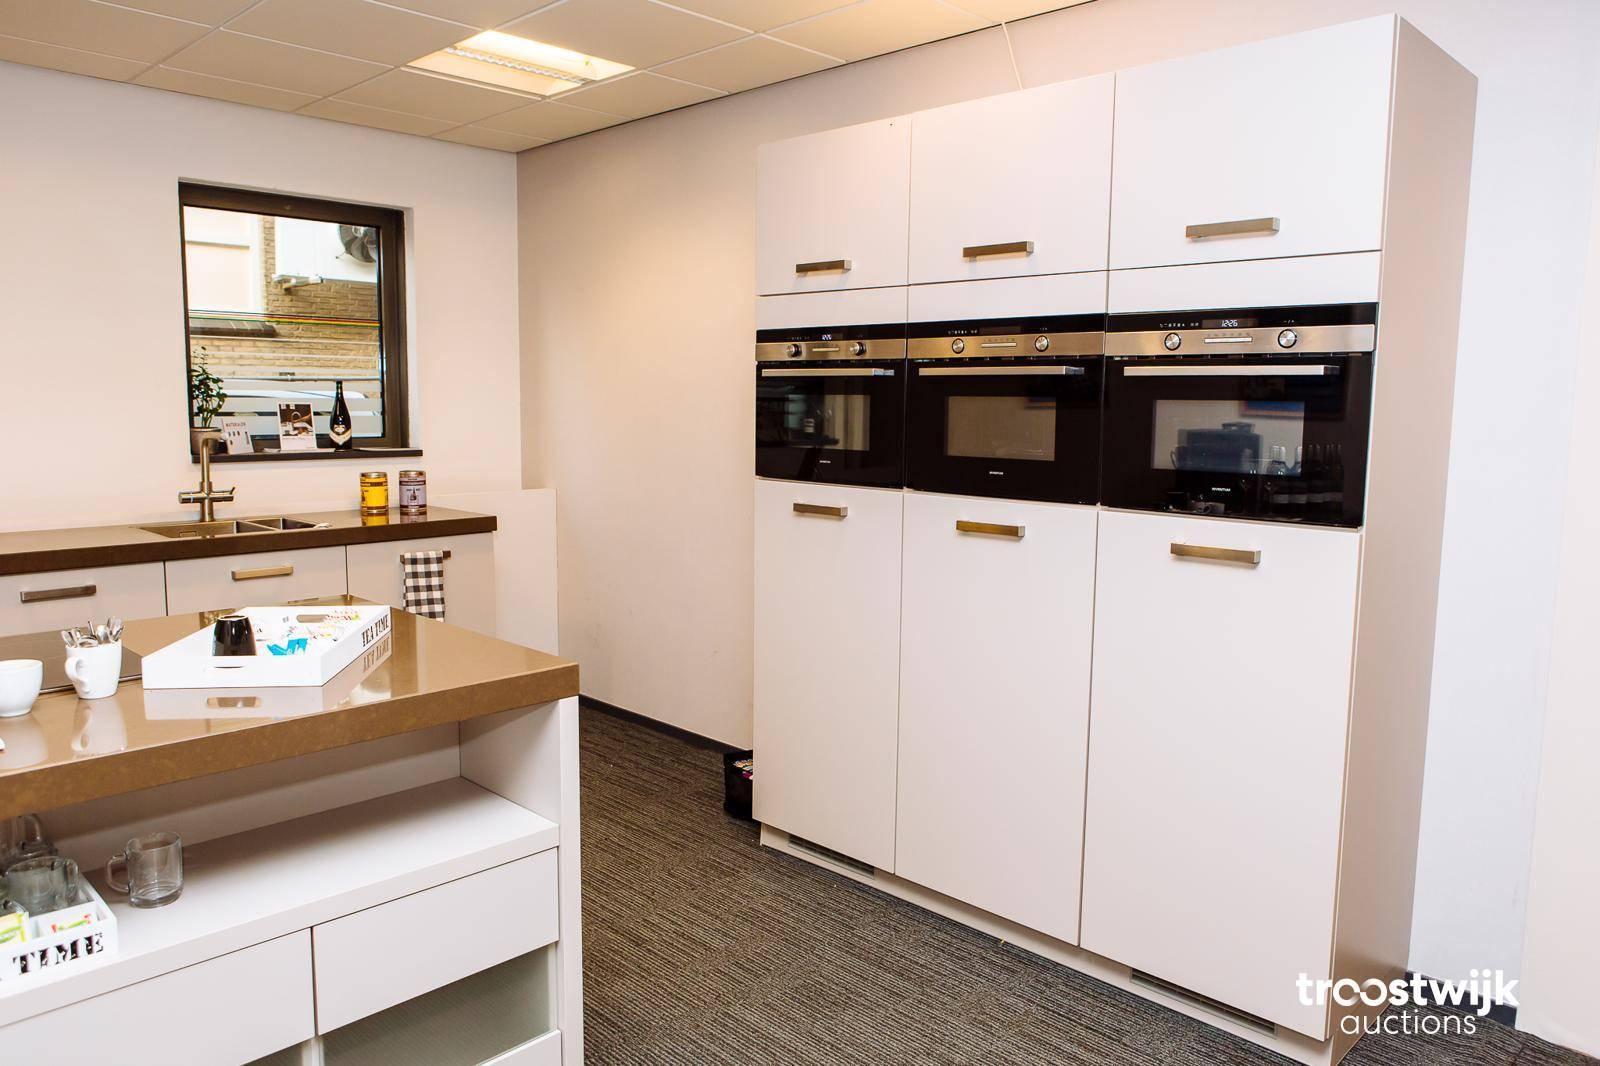 Badkamer Showroom Harderwijk : Multiple showroom kitchen by brigitte troostwijk